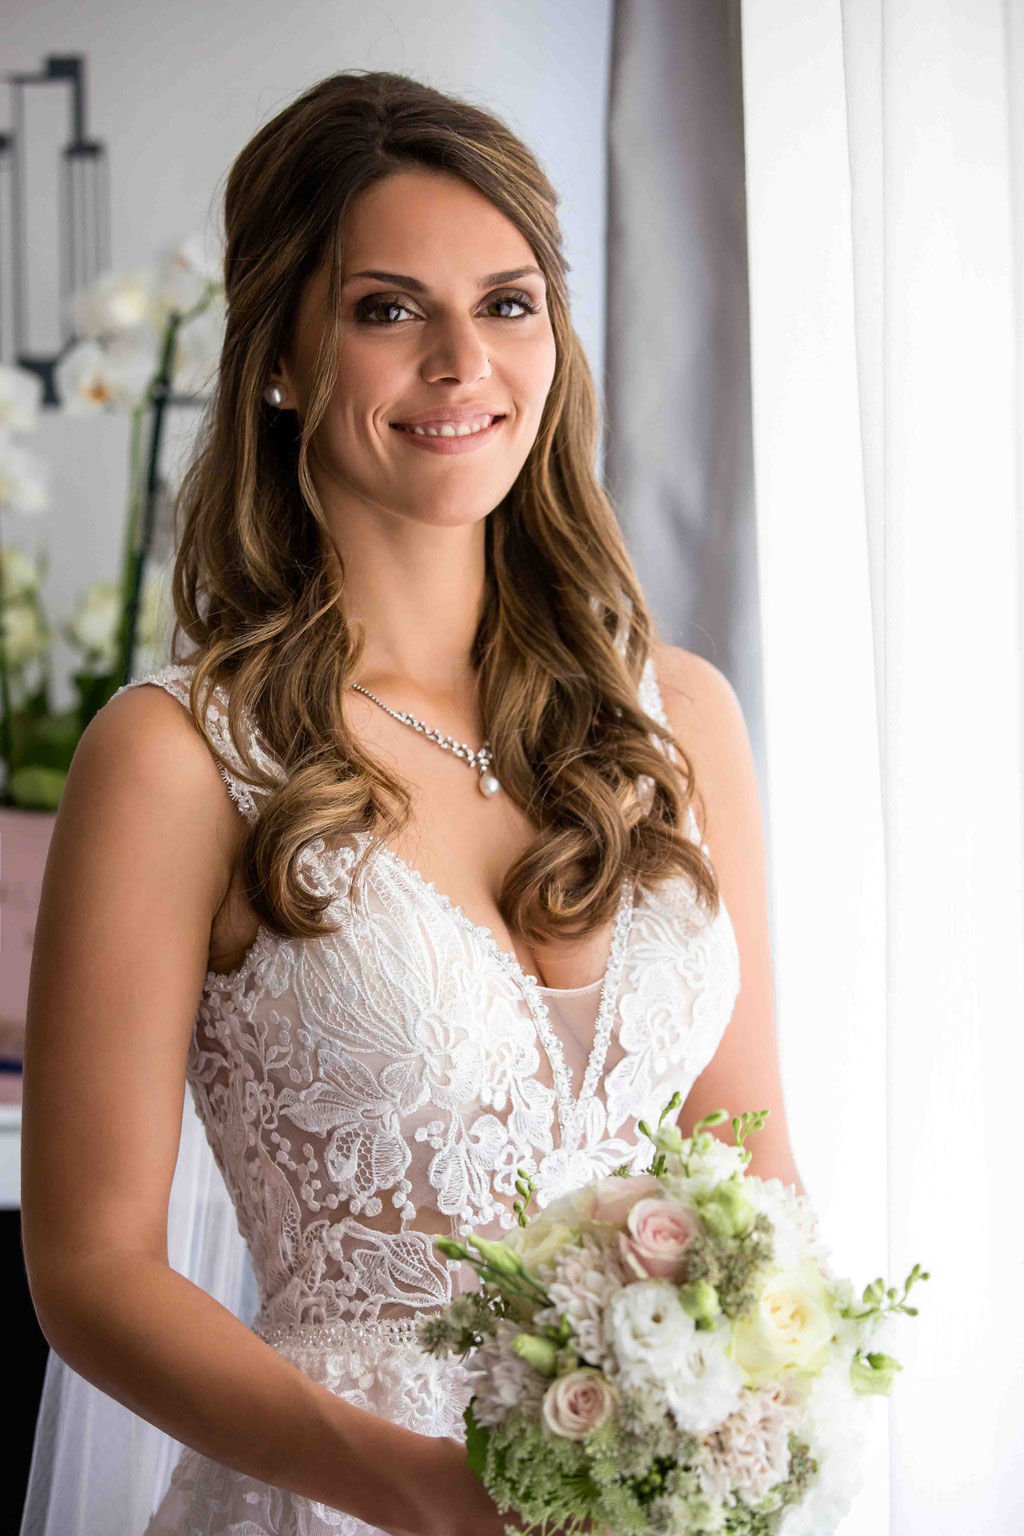 Brautporträt vor der Hochzeit, ein Hochzeitsgeschenk vom Hochzeitsfotograf